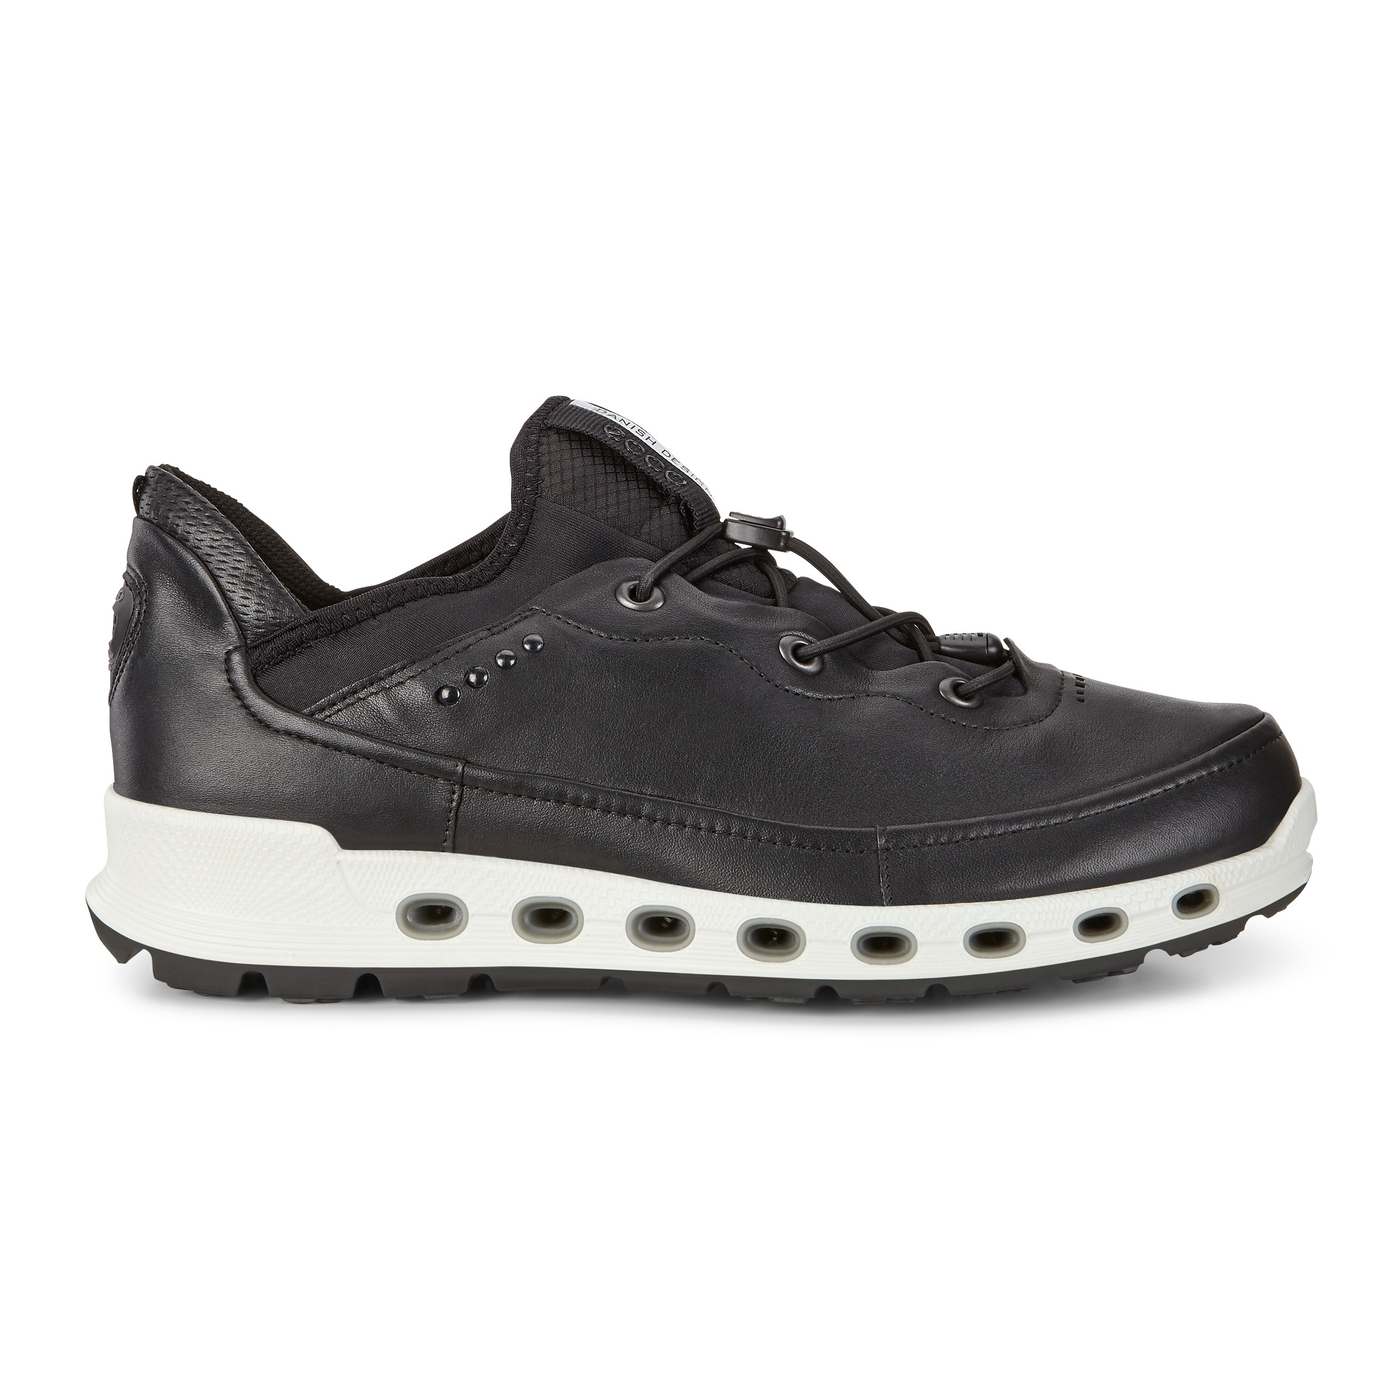 ECCO COOL 2.0 MEN'S Sneaker